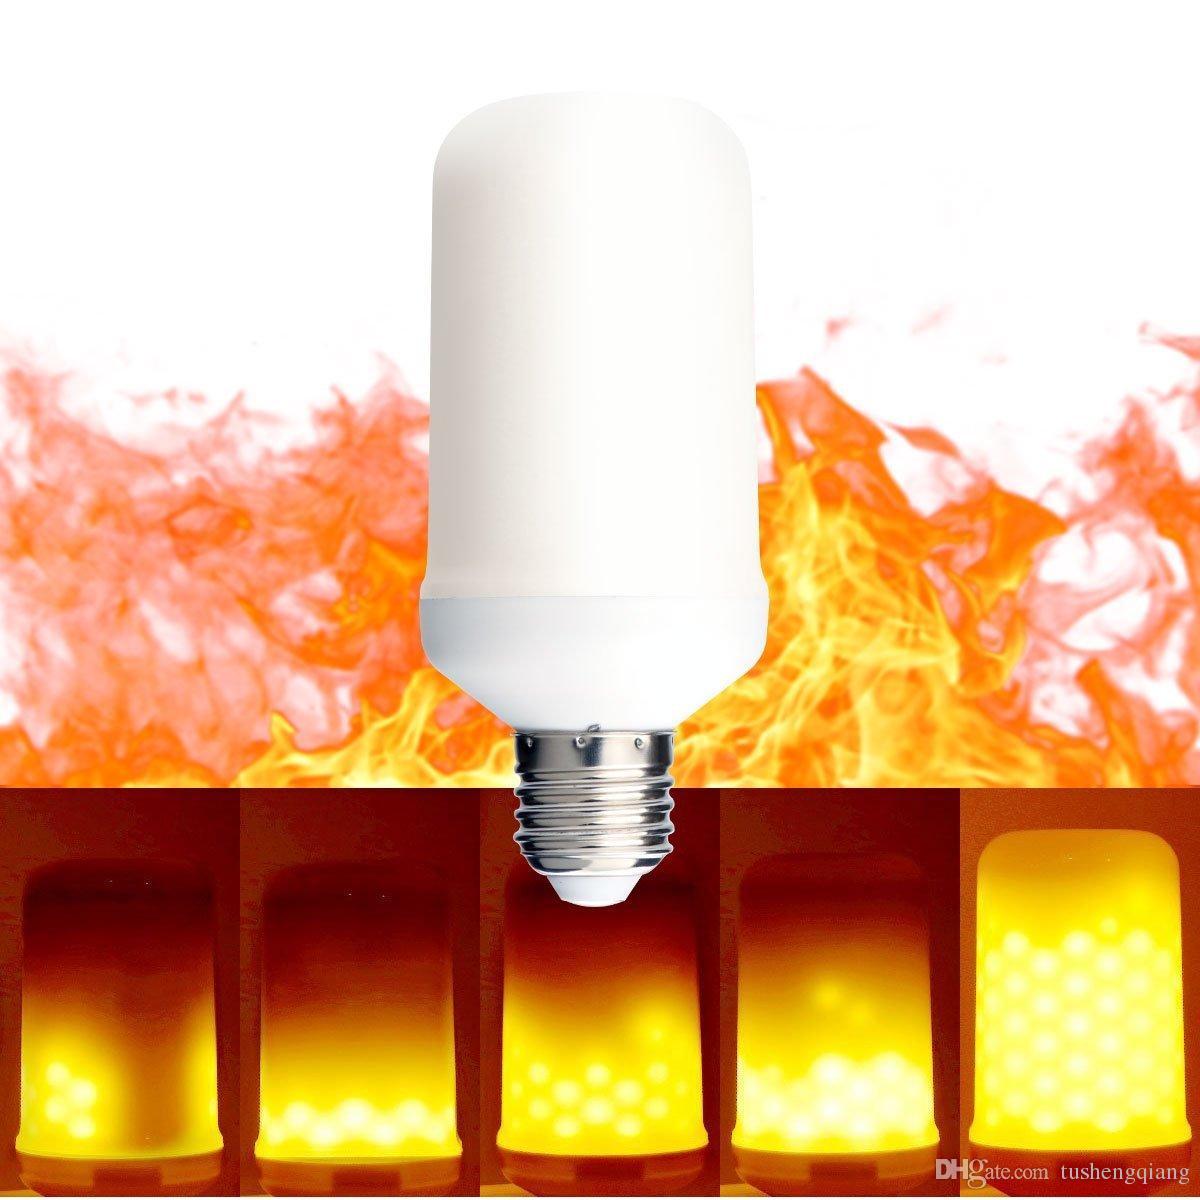 5w Incendie Garden Vintage Décorative Lampe Simulé Atmosphère Pour Light Ampoules Clignote Flame Nature Gaz Led Feu E27 Outdoor Émulation TFc3ulK1J5